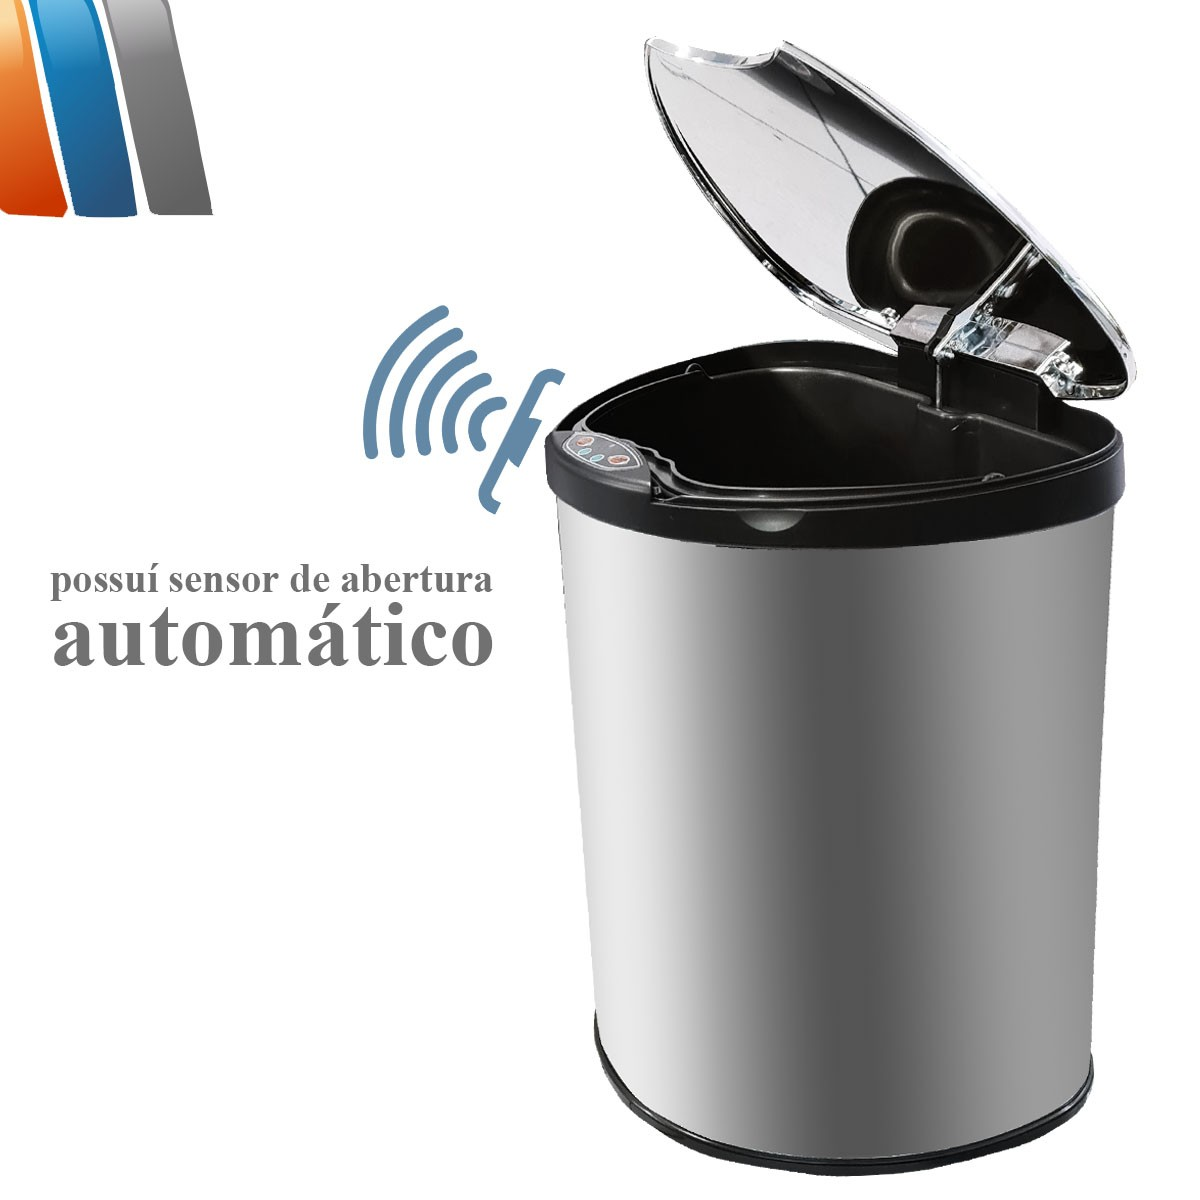 Lixeira Linha Premium Com Sensor Automática Inox Espelhado - 9 Litros Westing